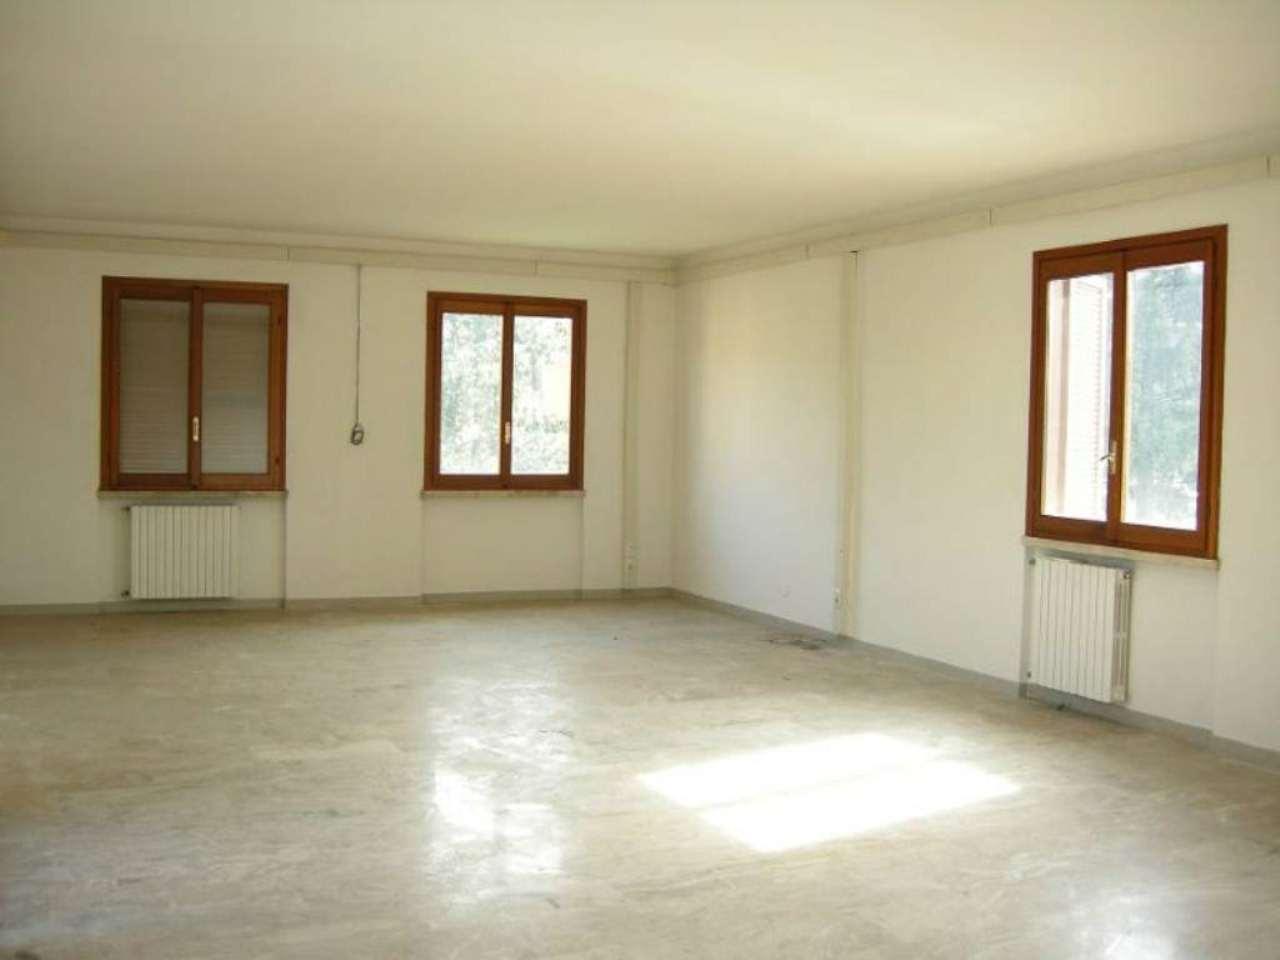 Ufficio / Studio in affitto a Cernusco sul Naviglio, 9999 locali, prezzo € 1.000 | Cambio Casa.it